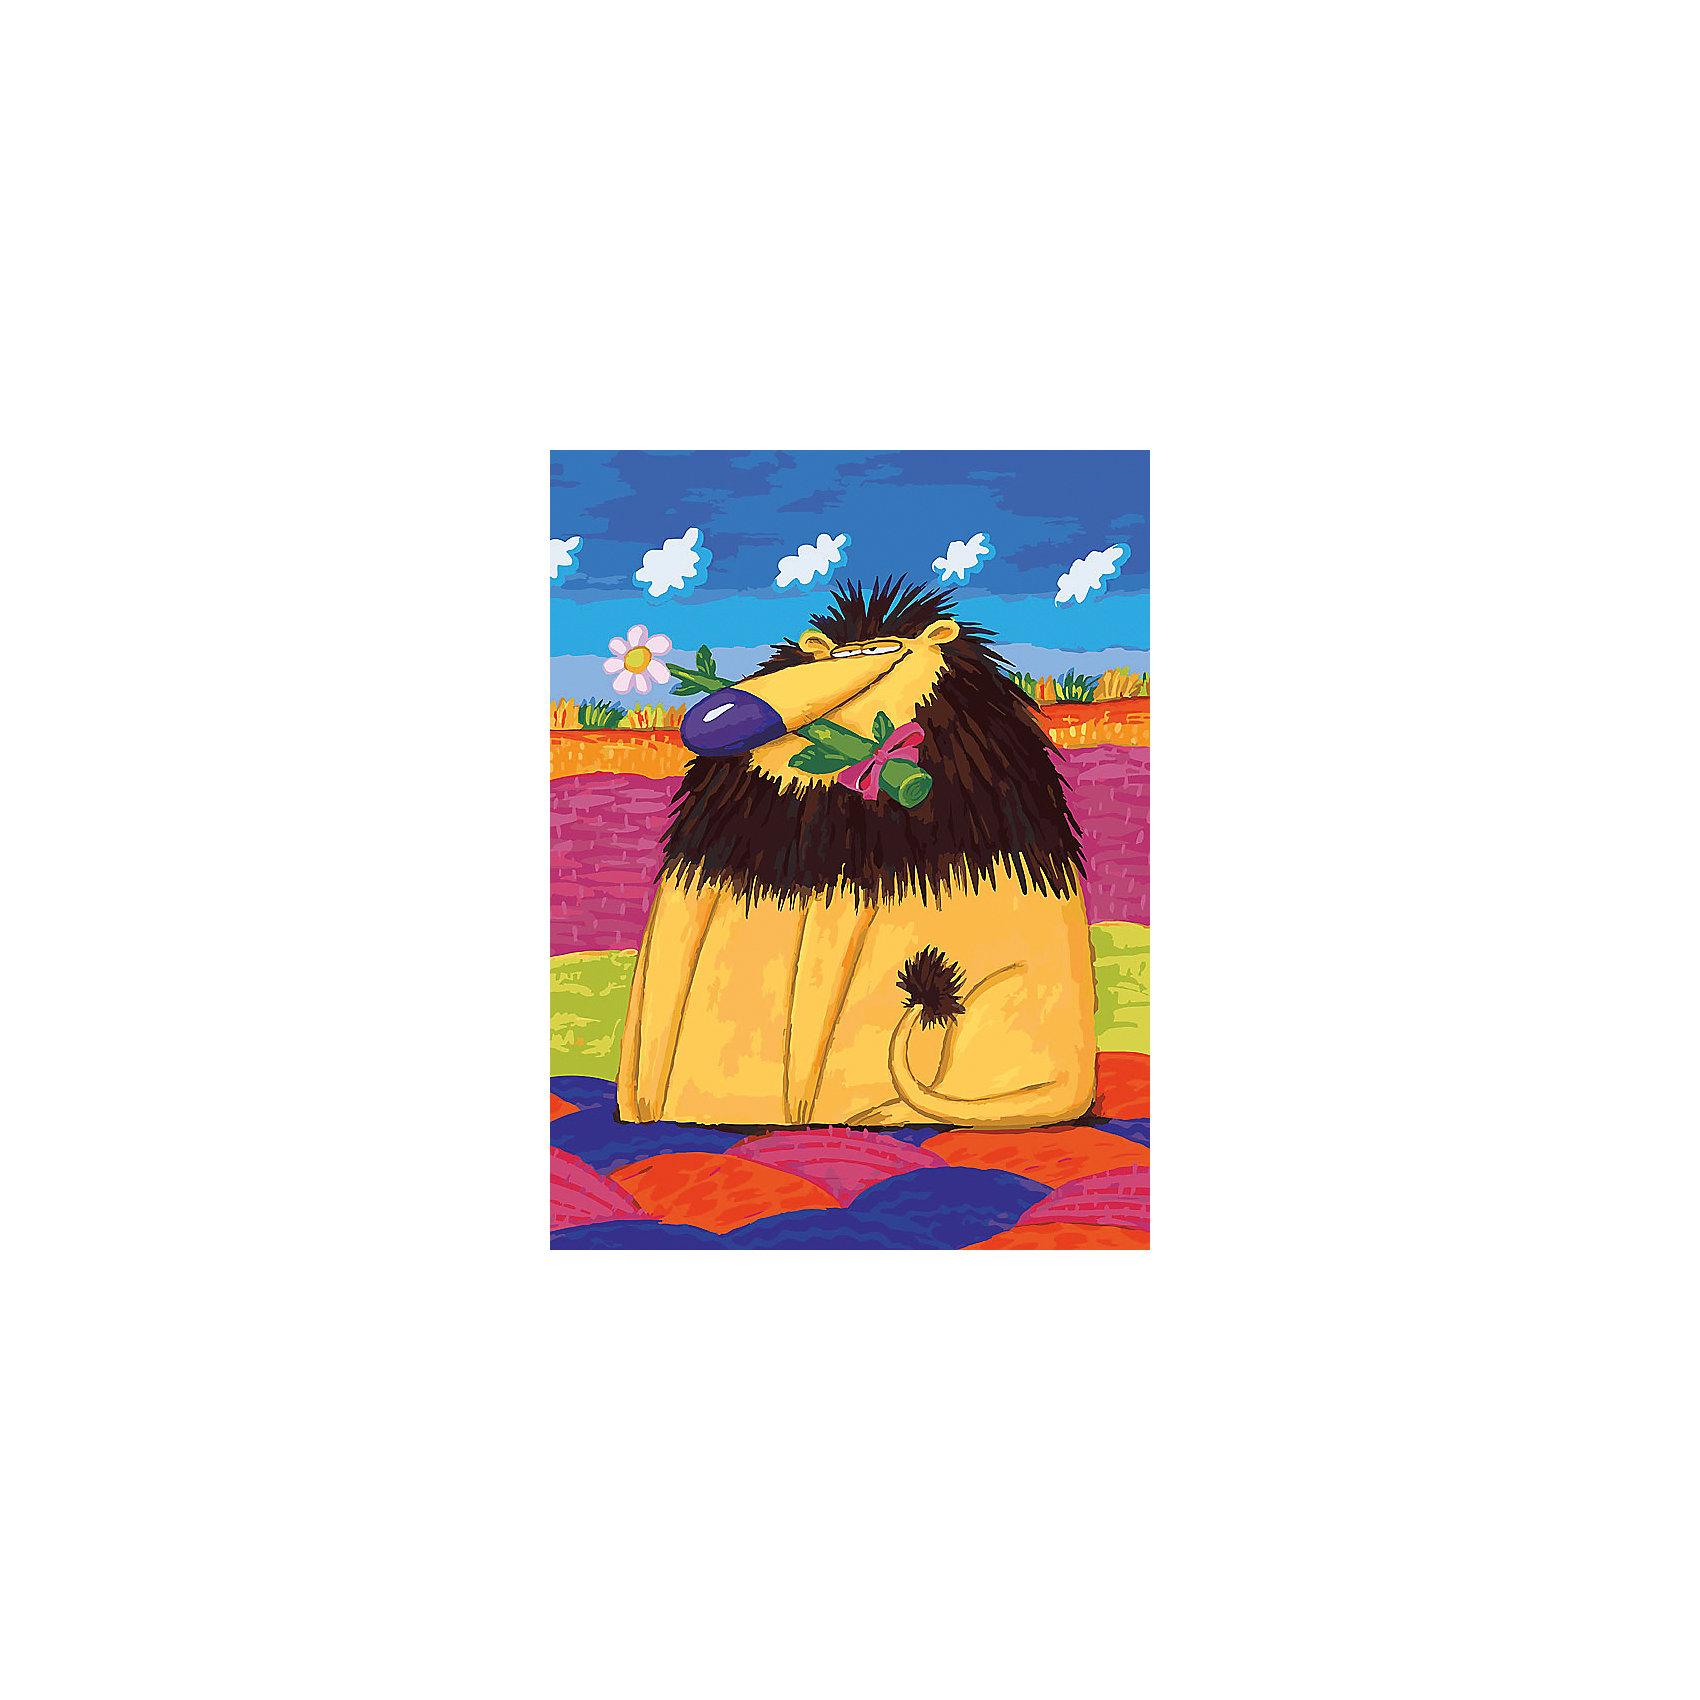 Живопись на холсте 30*40 см Добрый левХарактеристики товара:<br><br>• цвет: разноцветный<br>• материал: акрил, картон<br>• размер: 30 x 40 см<br>• комплектация: полотно на подрамнике с контурами рисунка, пробный лист с рисунком, набор акриловых красок, три кисти, крепление на стену для картины<br>• для детей от шести лет и взрослых<br>• не требует специальных навыков<br>• страна бренда: Китай<br>• страна изготовитель: Китай<br><br>Рисование - это занятие, которое любят многие дети и взрослые. Оно помогает развить важные навыки и просто приносит удовольствие! Чтобы вселить в ребенка уверенность в своих силах, можно предложить ему этот набор - в нем уже есть сюжет, контуры рисунка и участки с номерами, которые обозначают определенную краску из набора. Все оттенки уже готовы, задача художника - аккуратно, с помощью кисточек из набора, нанести краски на определенный участок полотна.<br>Взрослым также понравится этот процесс, рисовать можно и вместе с малышом! В итоге получается красивая картина, которой можно украсить интерьер. Рисование способствует развитию мелкой моторики, воображения, цветовосприятия, творческих способностей и усидчивости. Набор отлично проработан, сделан из качественных и проверенных материалов, которые безопасны для детей. Краски - акриловые, они быстро сохнут и легко смываются с кожи.<br><br>Живопись на холсте 30*40 см Добрый лев от торговой марки Белоснежка можно купить в нашем интернет-магазине.<br><br>Ширина мм: 410<br>Глубина мм: 310<br>Высота мм: 25<br>Вес г: 567<br>Возраст от месяцев: 72<br>Возраст до месяцев: 144<br>Пол: Унисекс<br>Возраст: Детский<br>SKU: 5089703